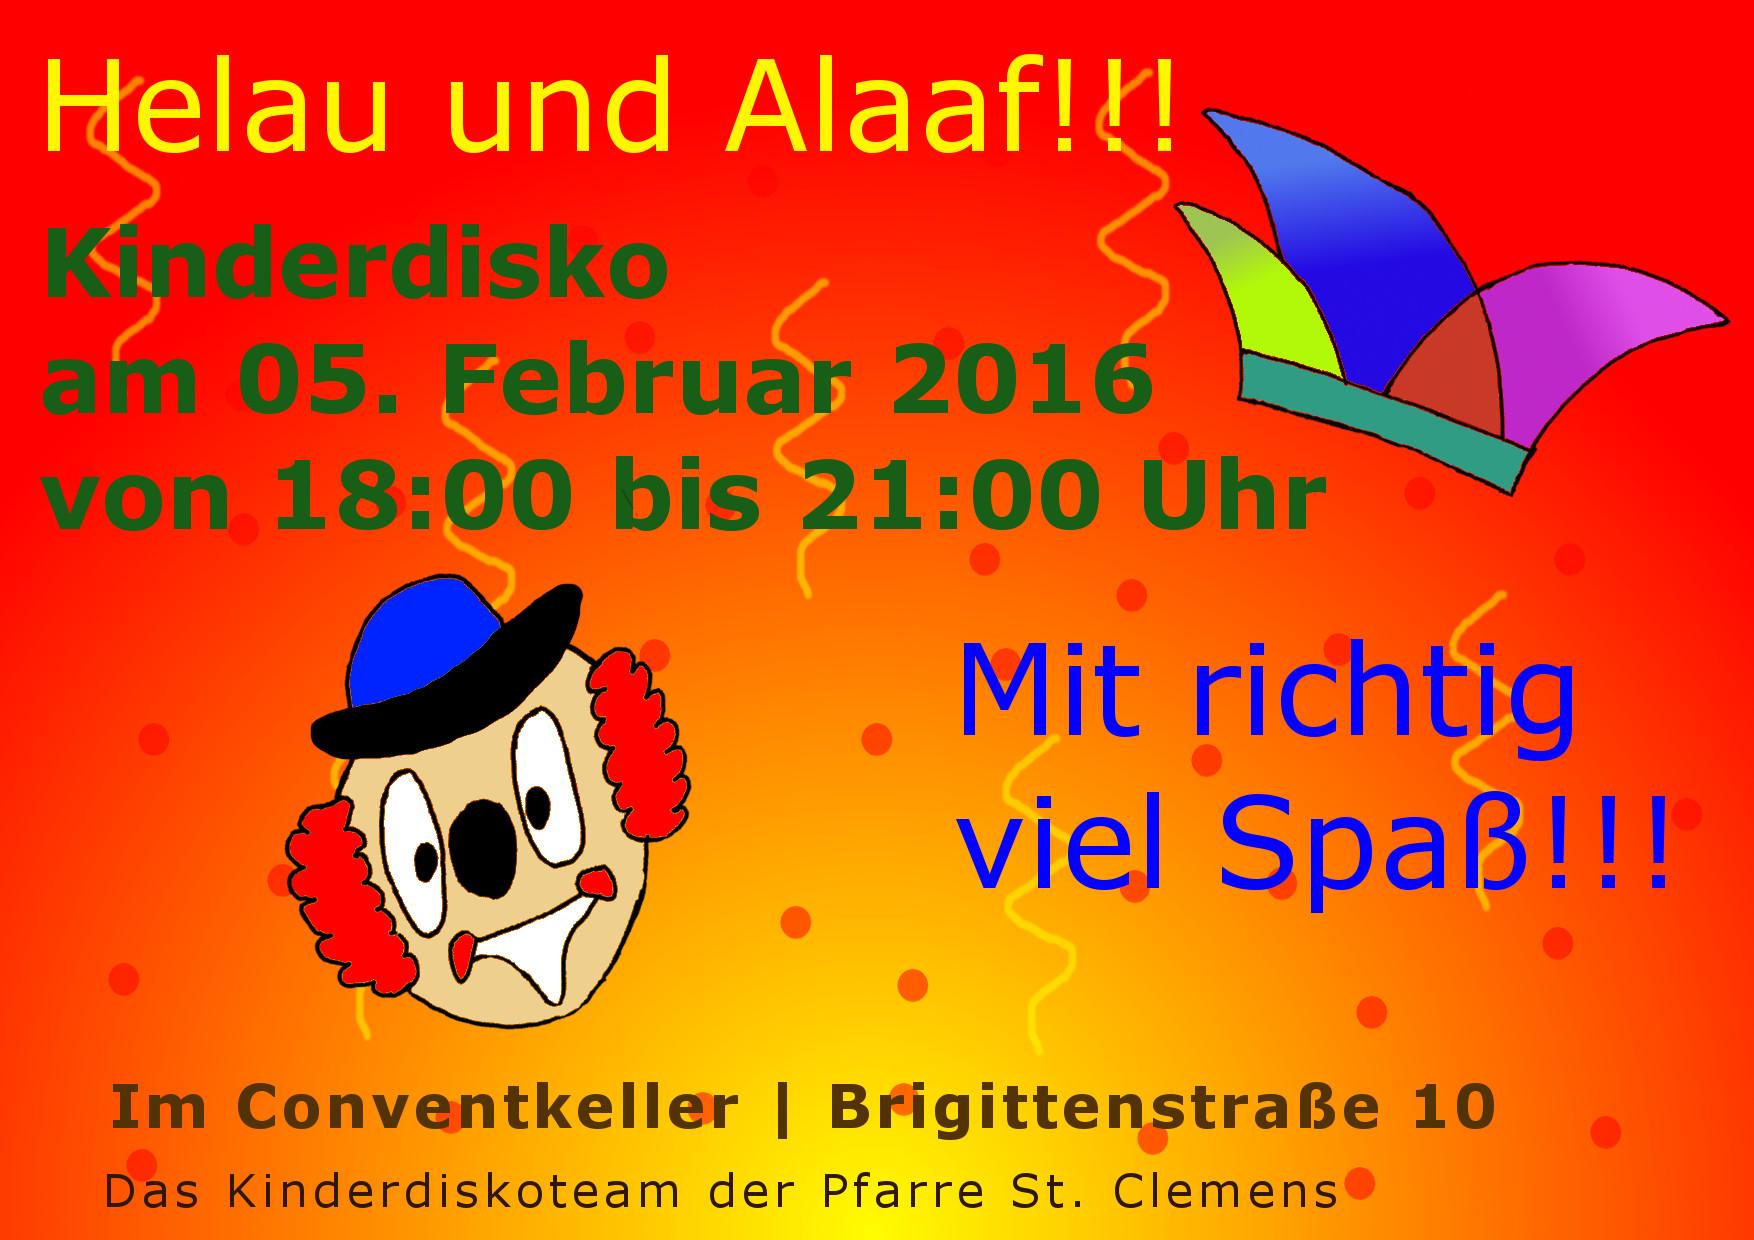 Kinderdisko Flyer Karneval